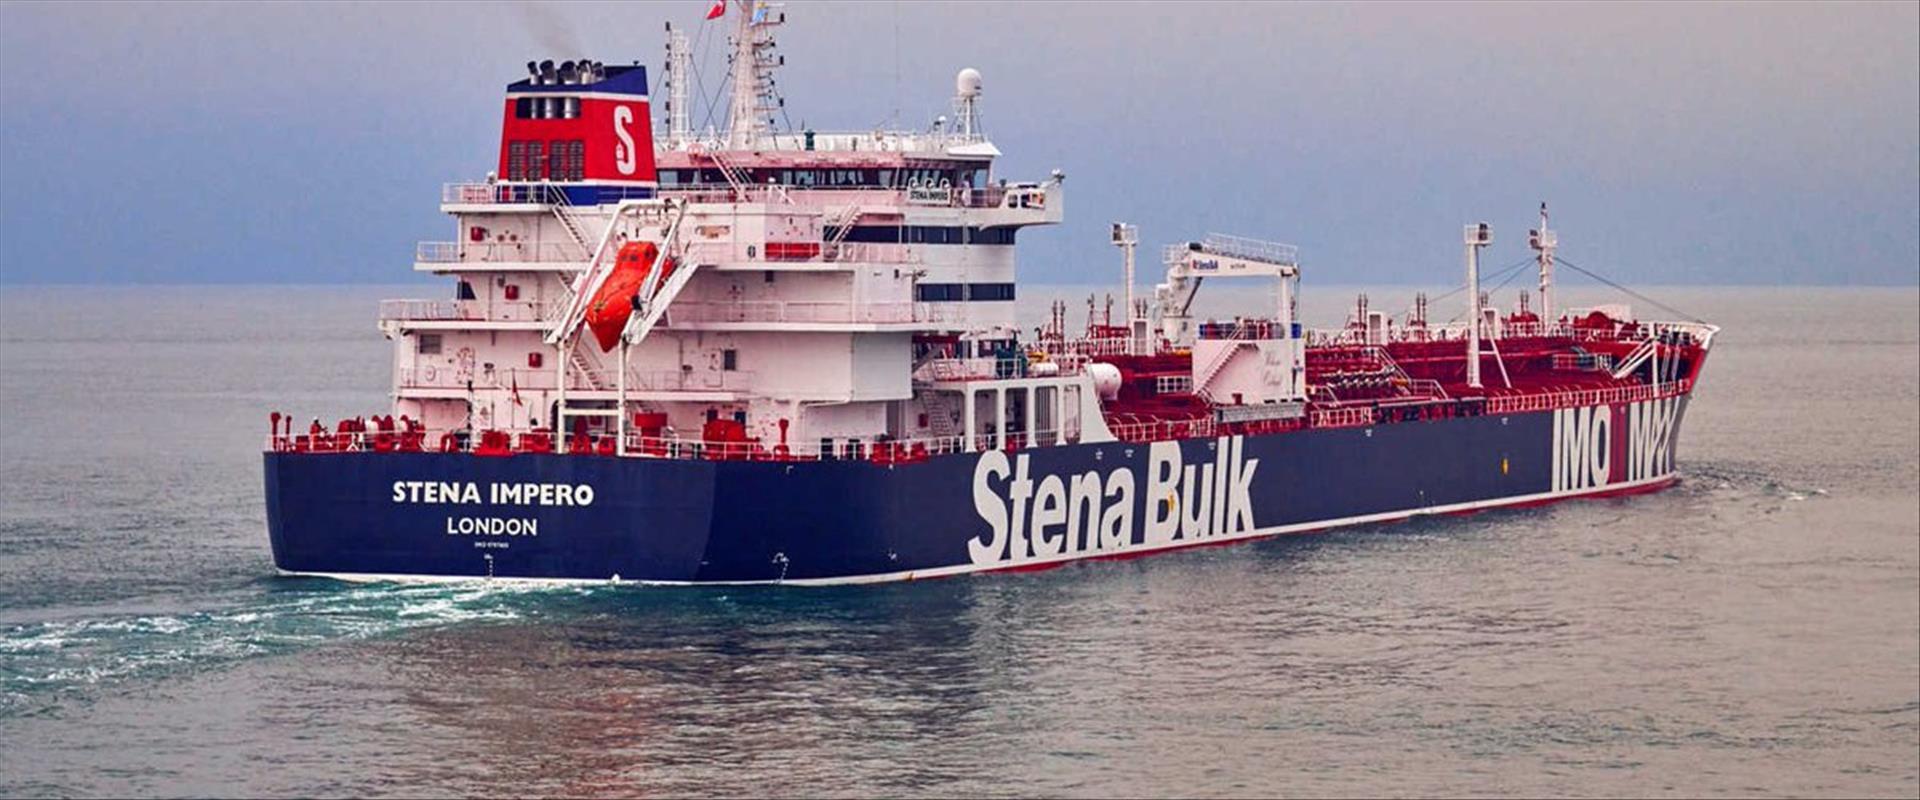 מכלית הנפט הבריטית